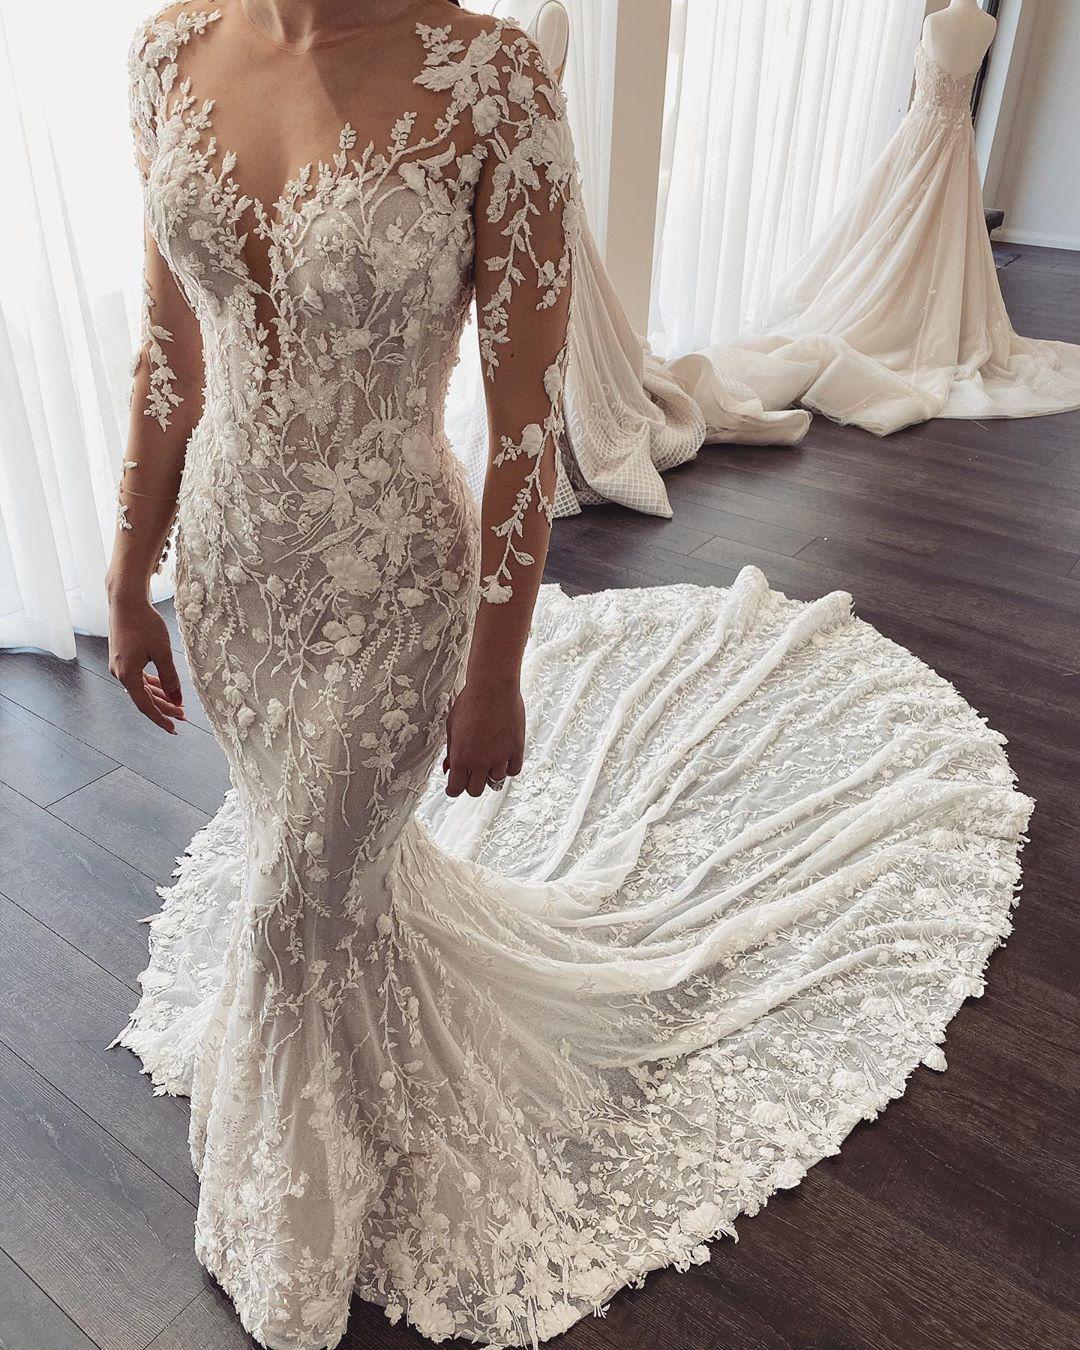 Arabisch Aso Ebi Luxurious Sheer Ausschnitt Brautkleider Spitzen Perlen Mermaid Brautkleider mit langen Ärmeln Brautkleider ZJ251 2020 Plus Size